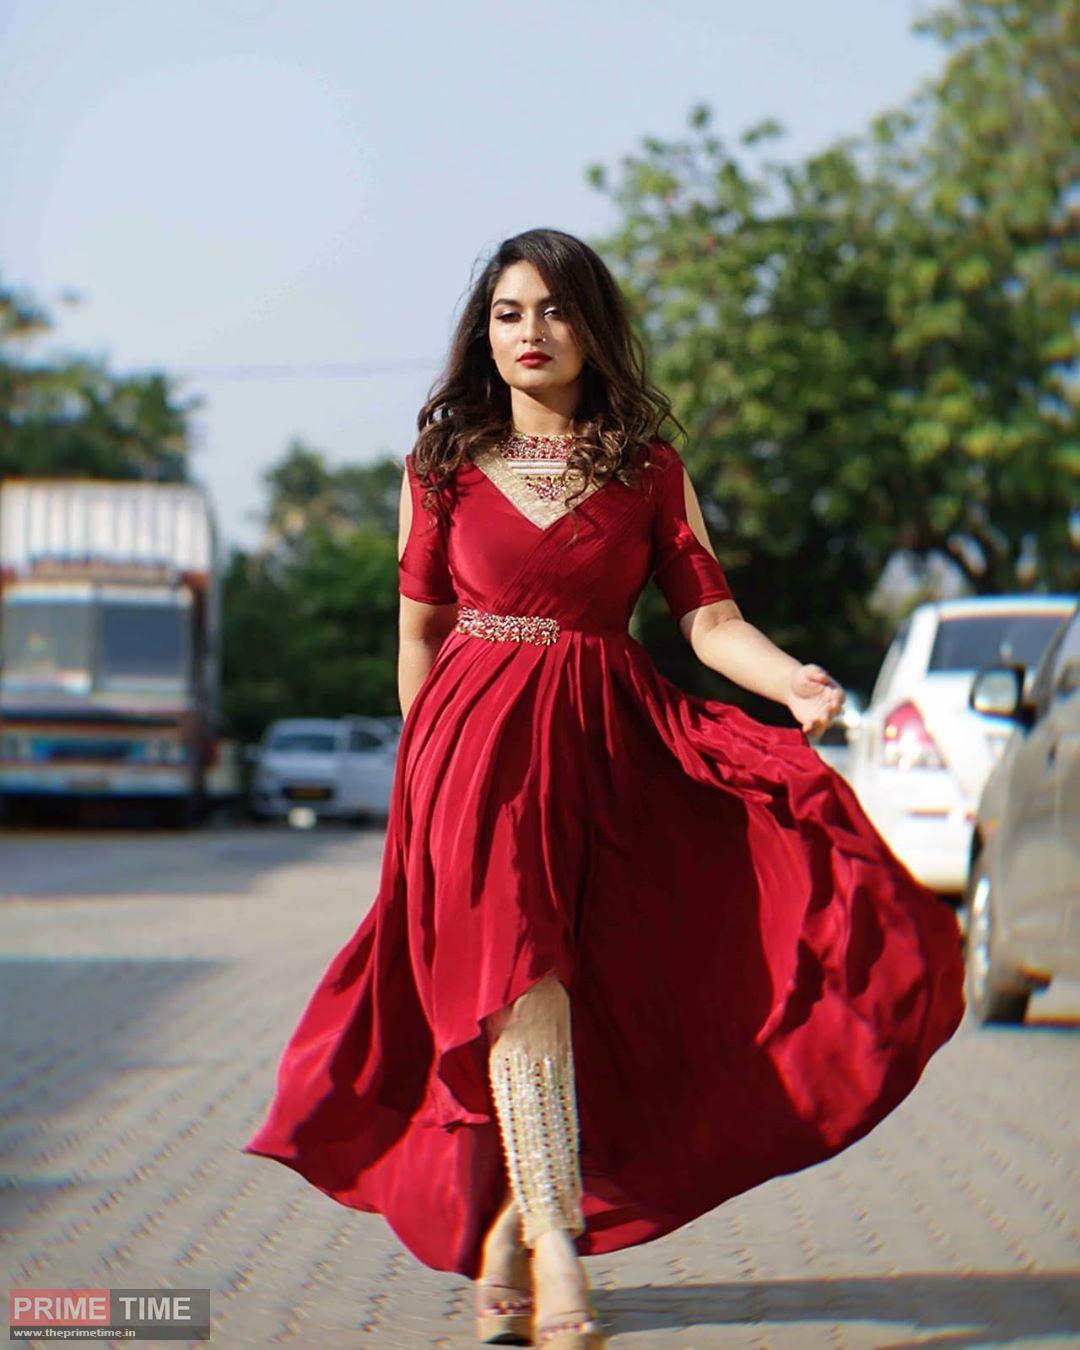 Prayaga Martin Photoshoot 3